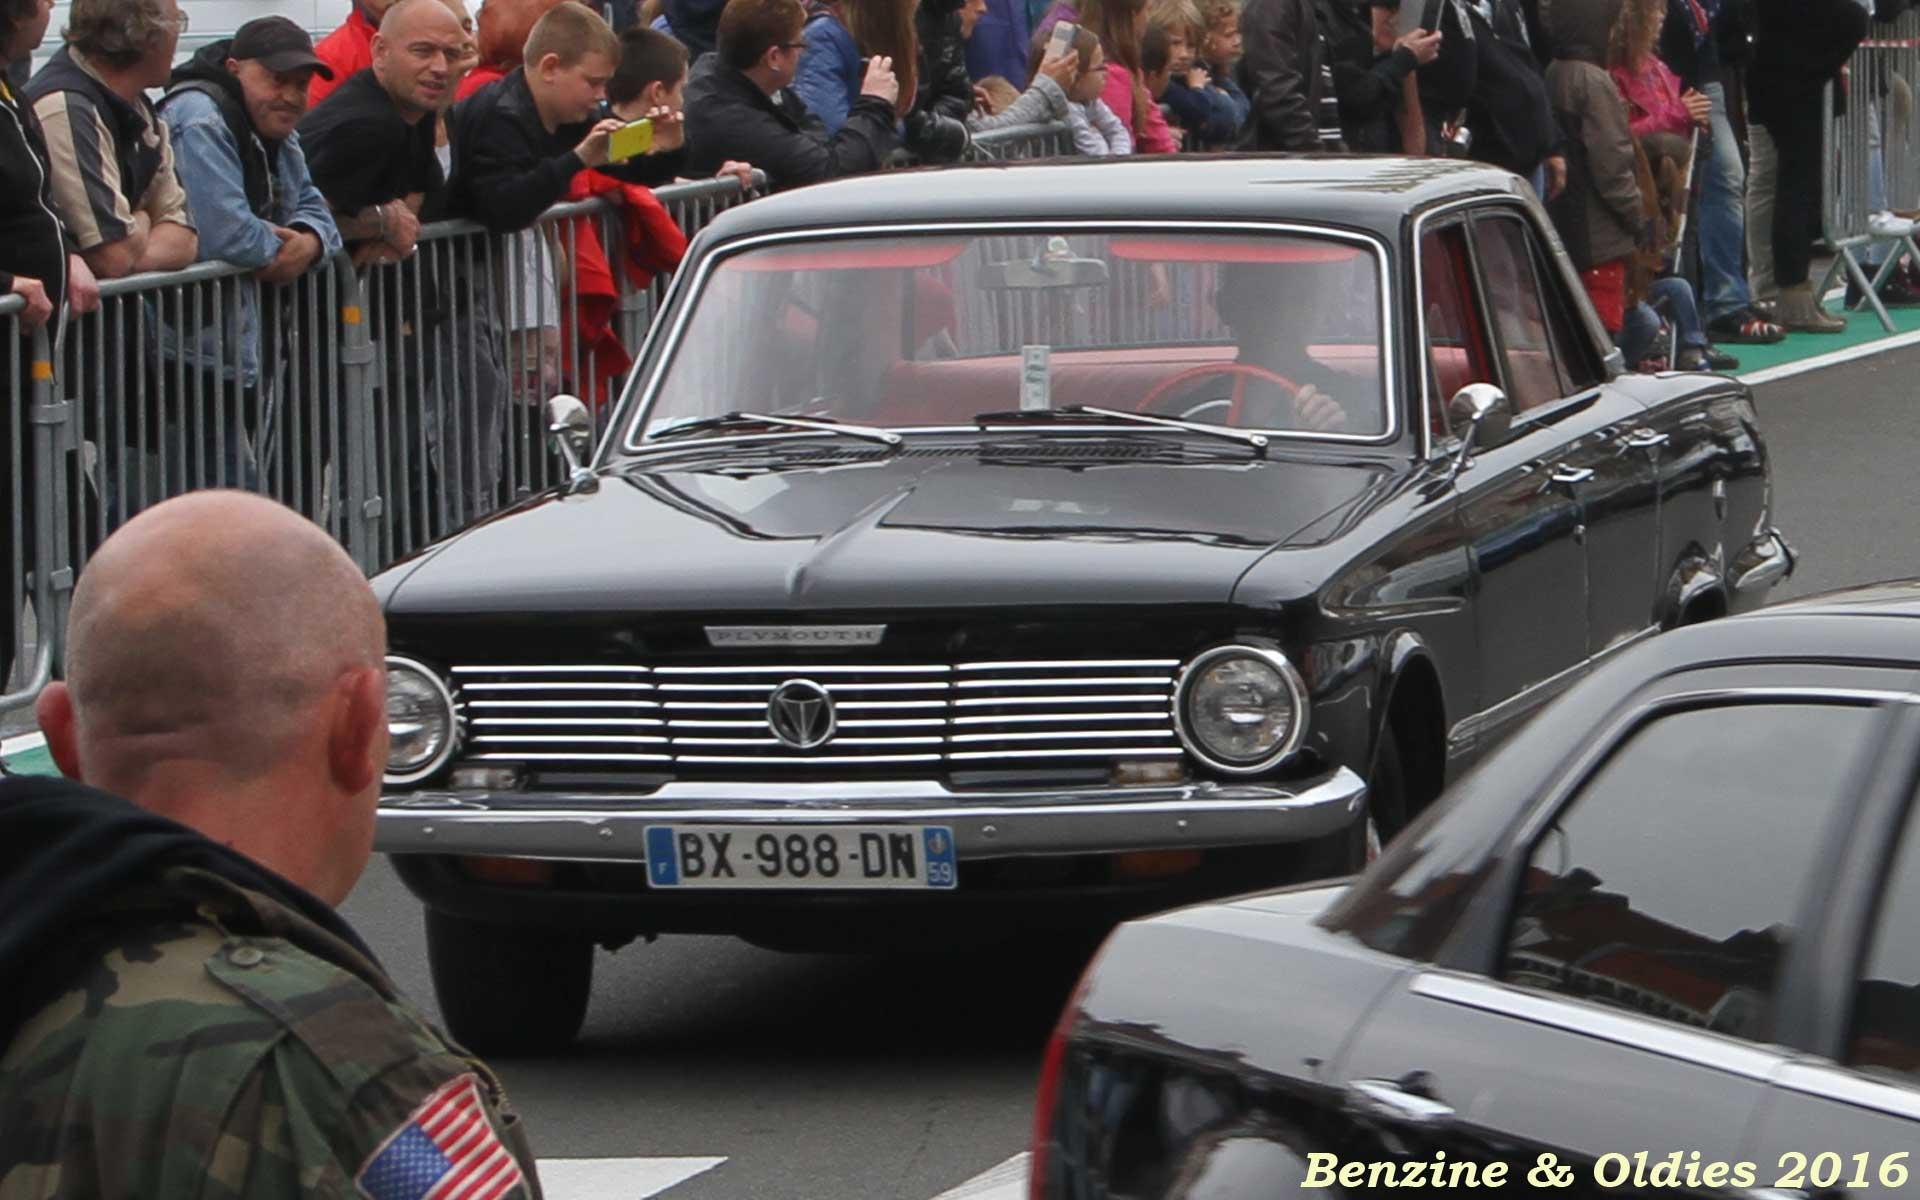 rassemblement concentration expo défilé de voitures américaines à Hénin-Beaumont 689115street201605290015w1920